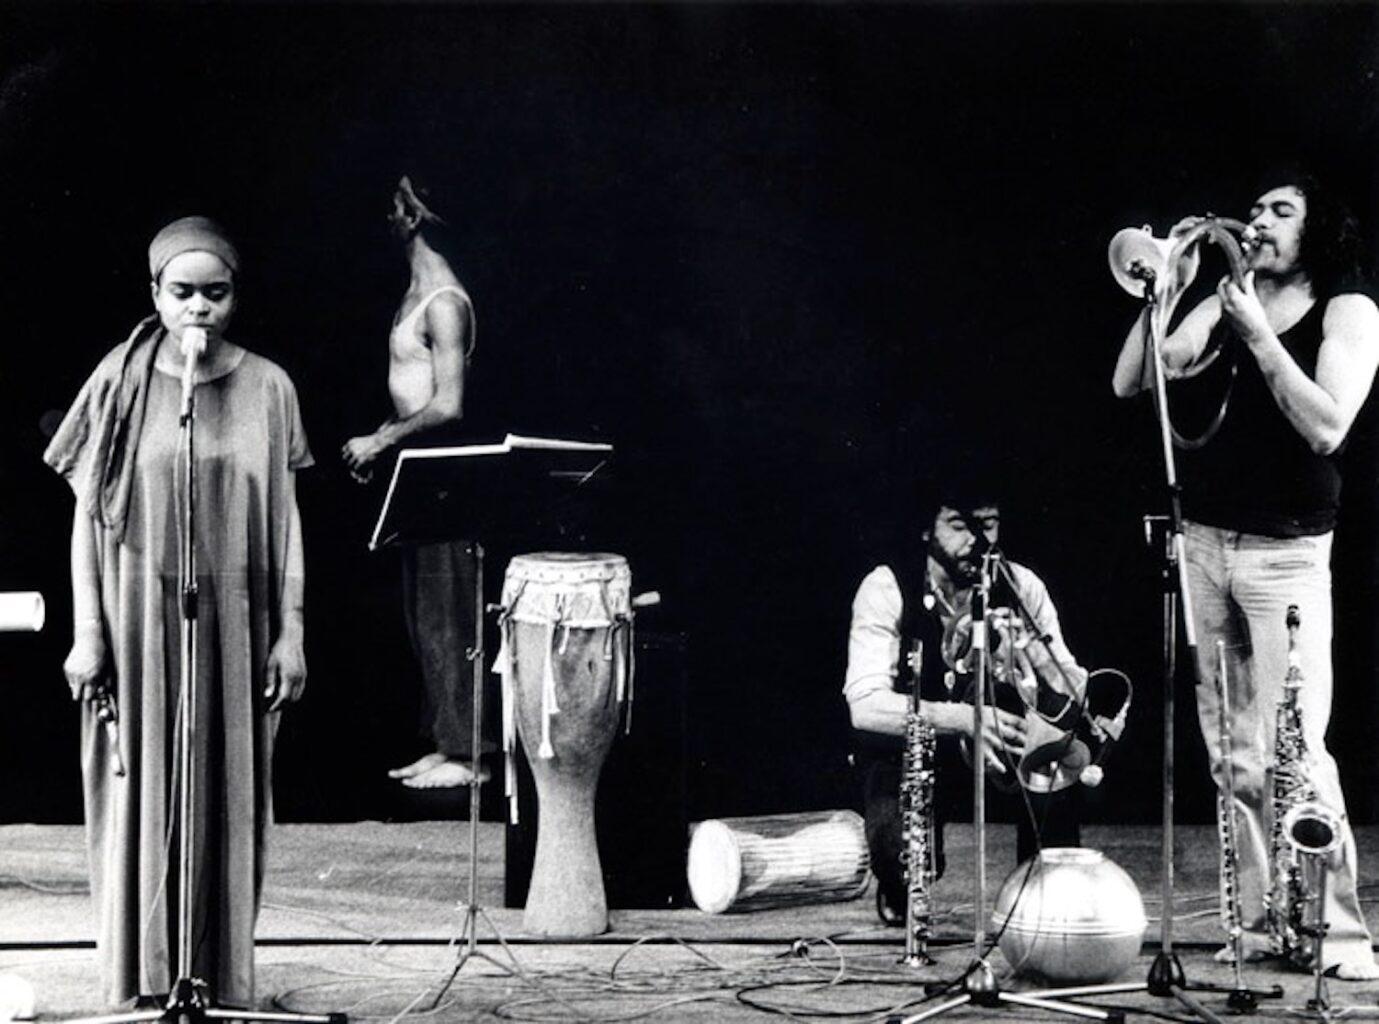 Photographie noir et blanc avec une chanteuse, un saxophoniste et un joueur de trope et au fond un danseur